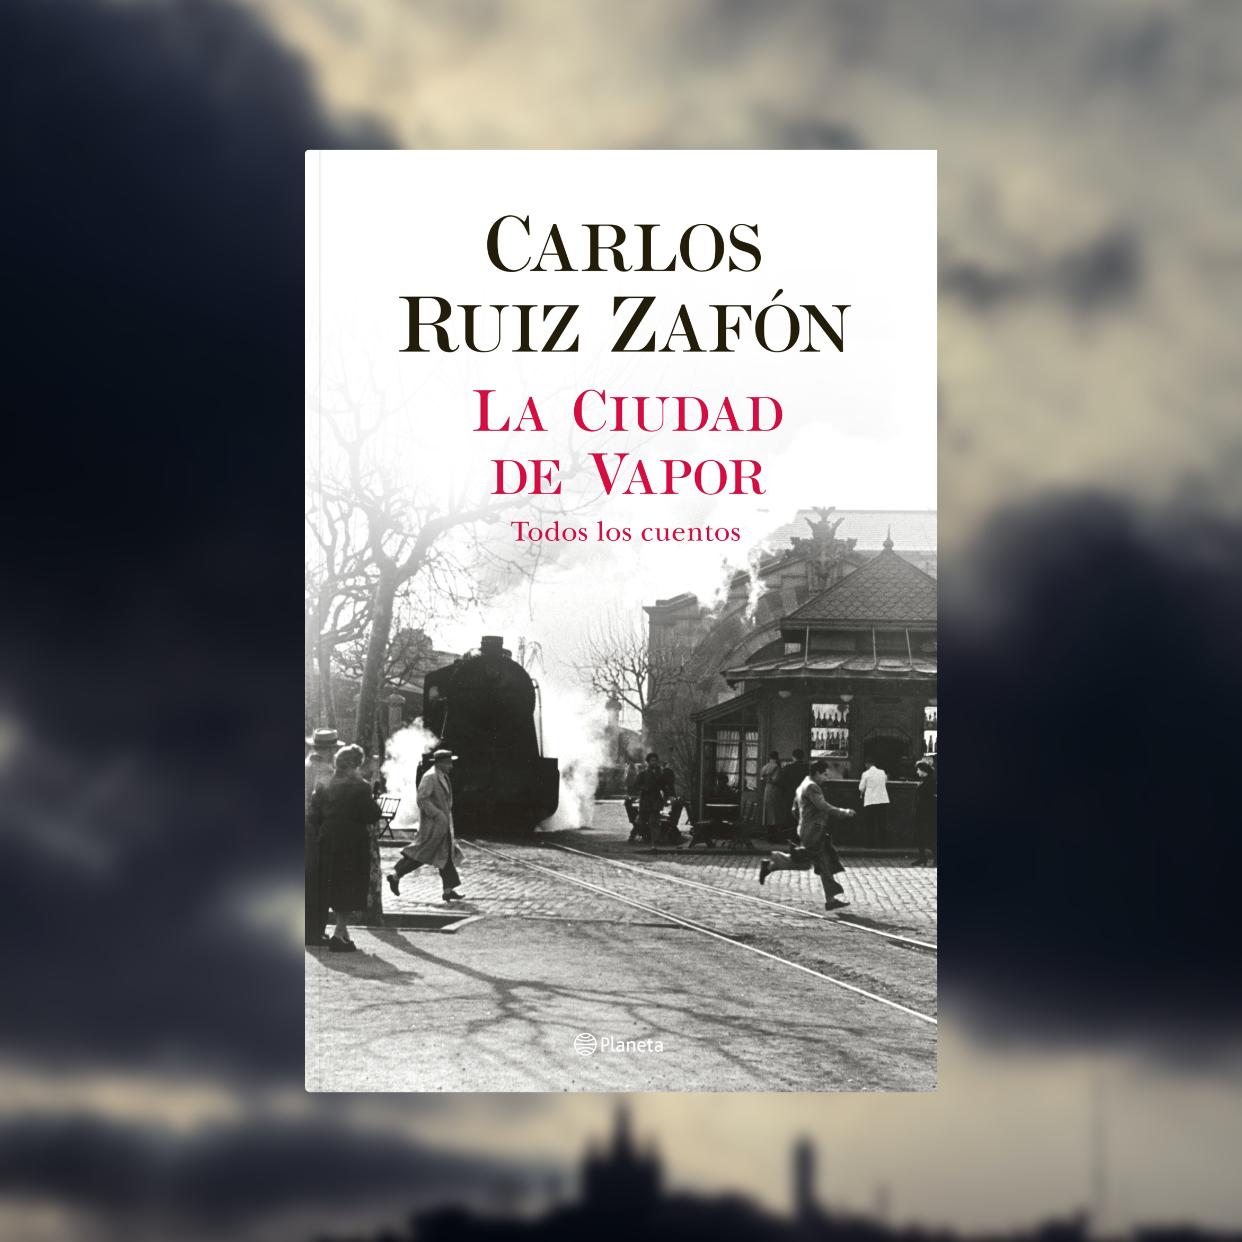 La Ciudad de Vapor: la raccolta postuma di Carlos Ruiz Zafón